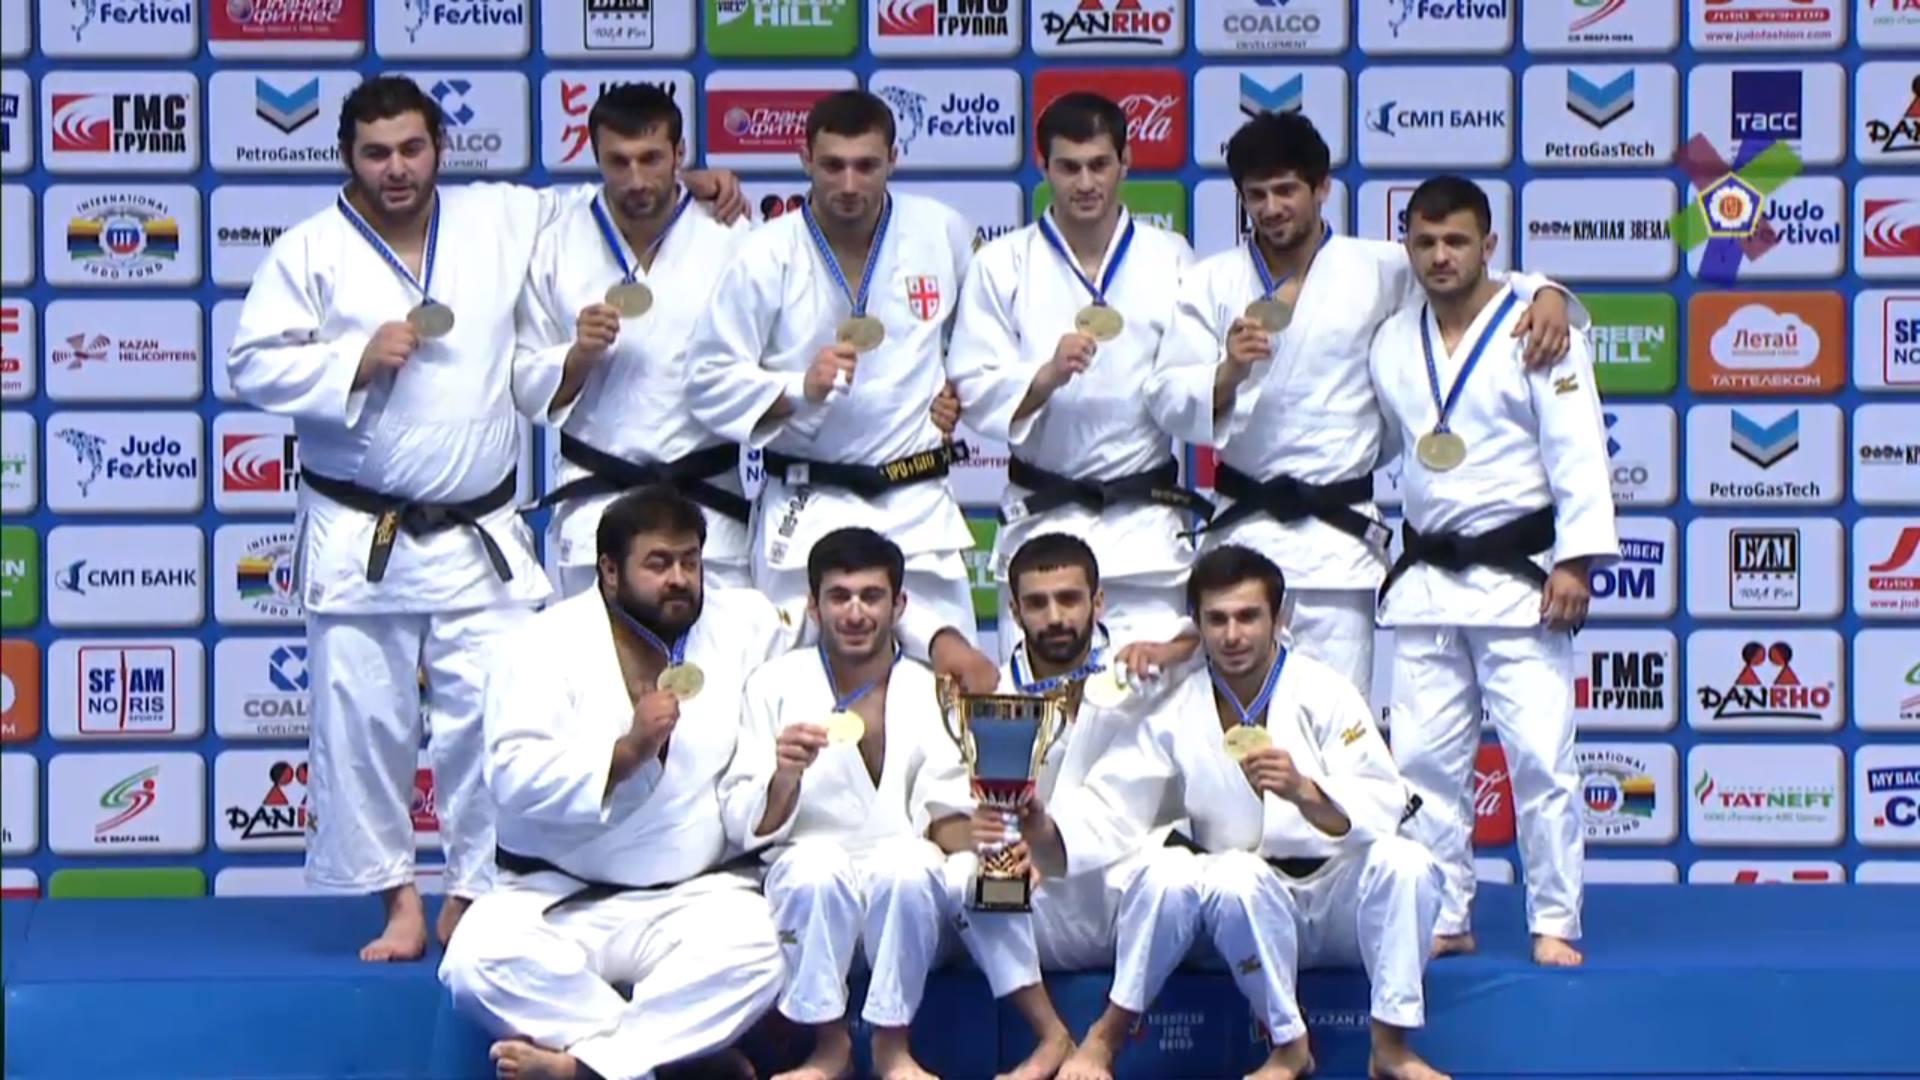 Грузинские дзюдоисты стали чемпионами Европы